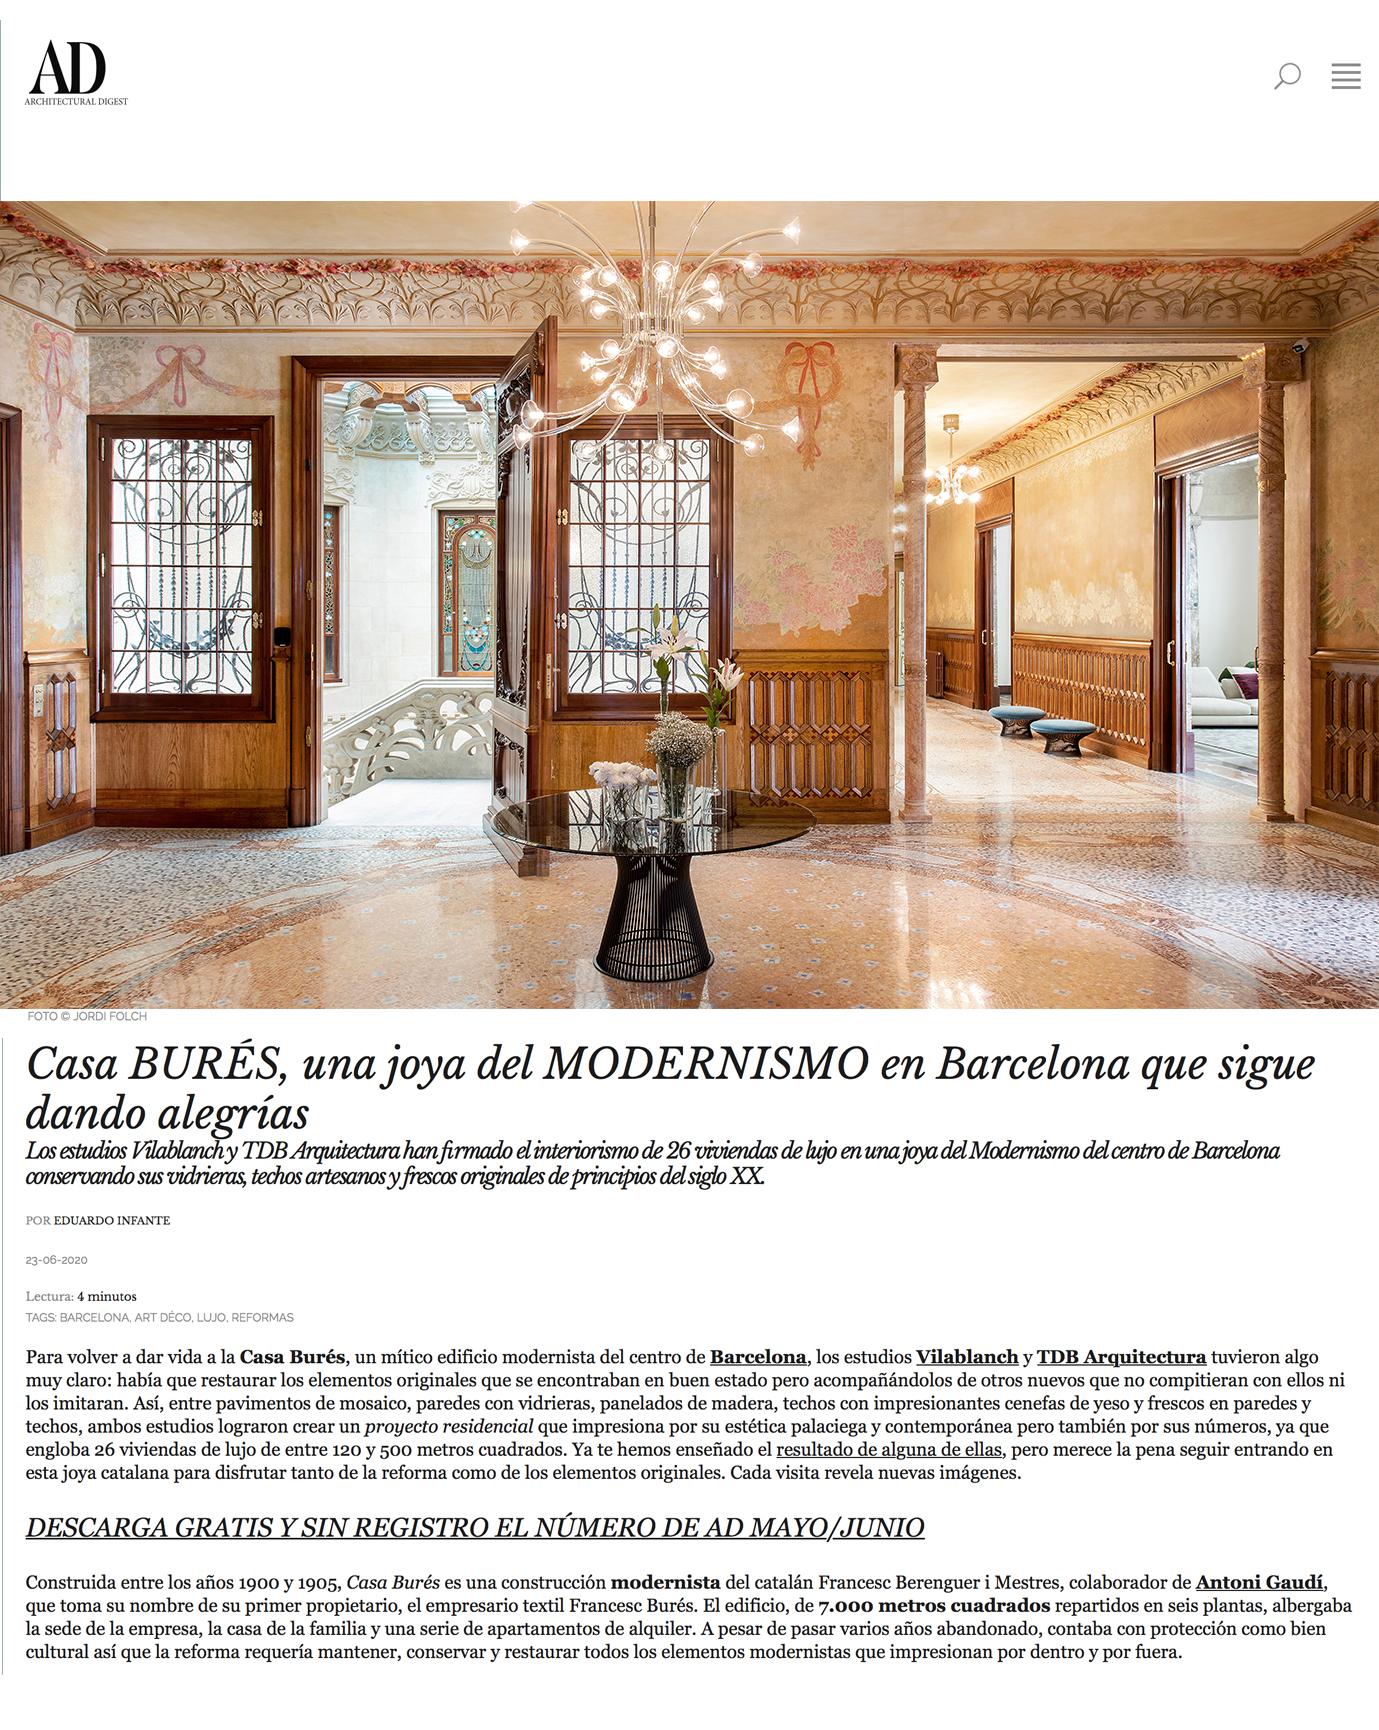 AD junio 2020 Casa Bures vilablanch